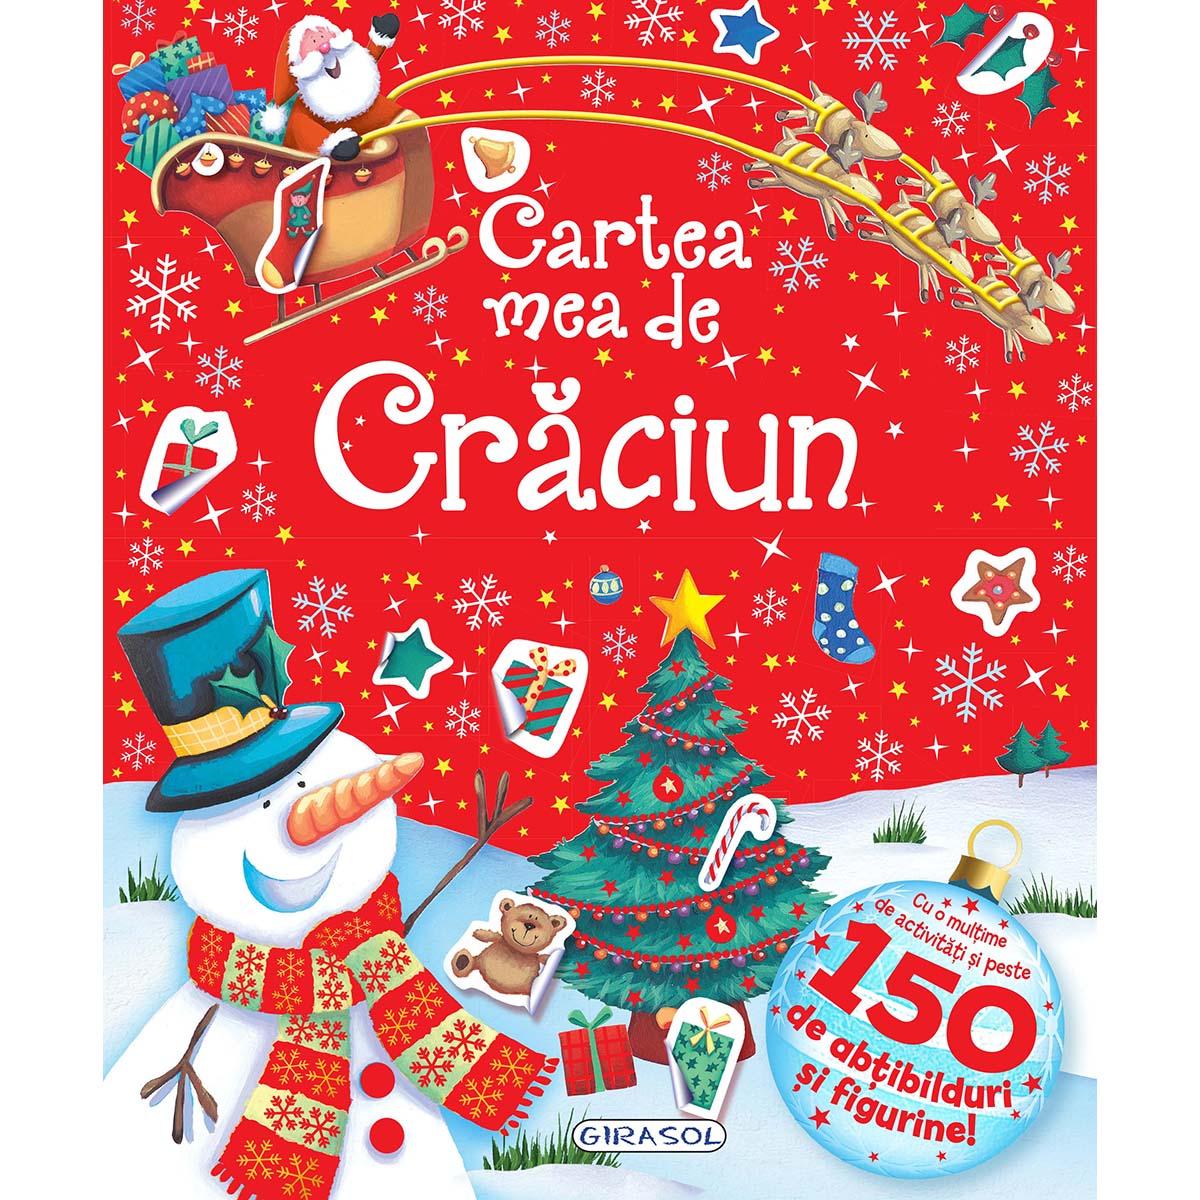 Editura Girasol, Cartea mea de Craciun, Editia II